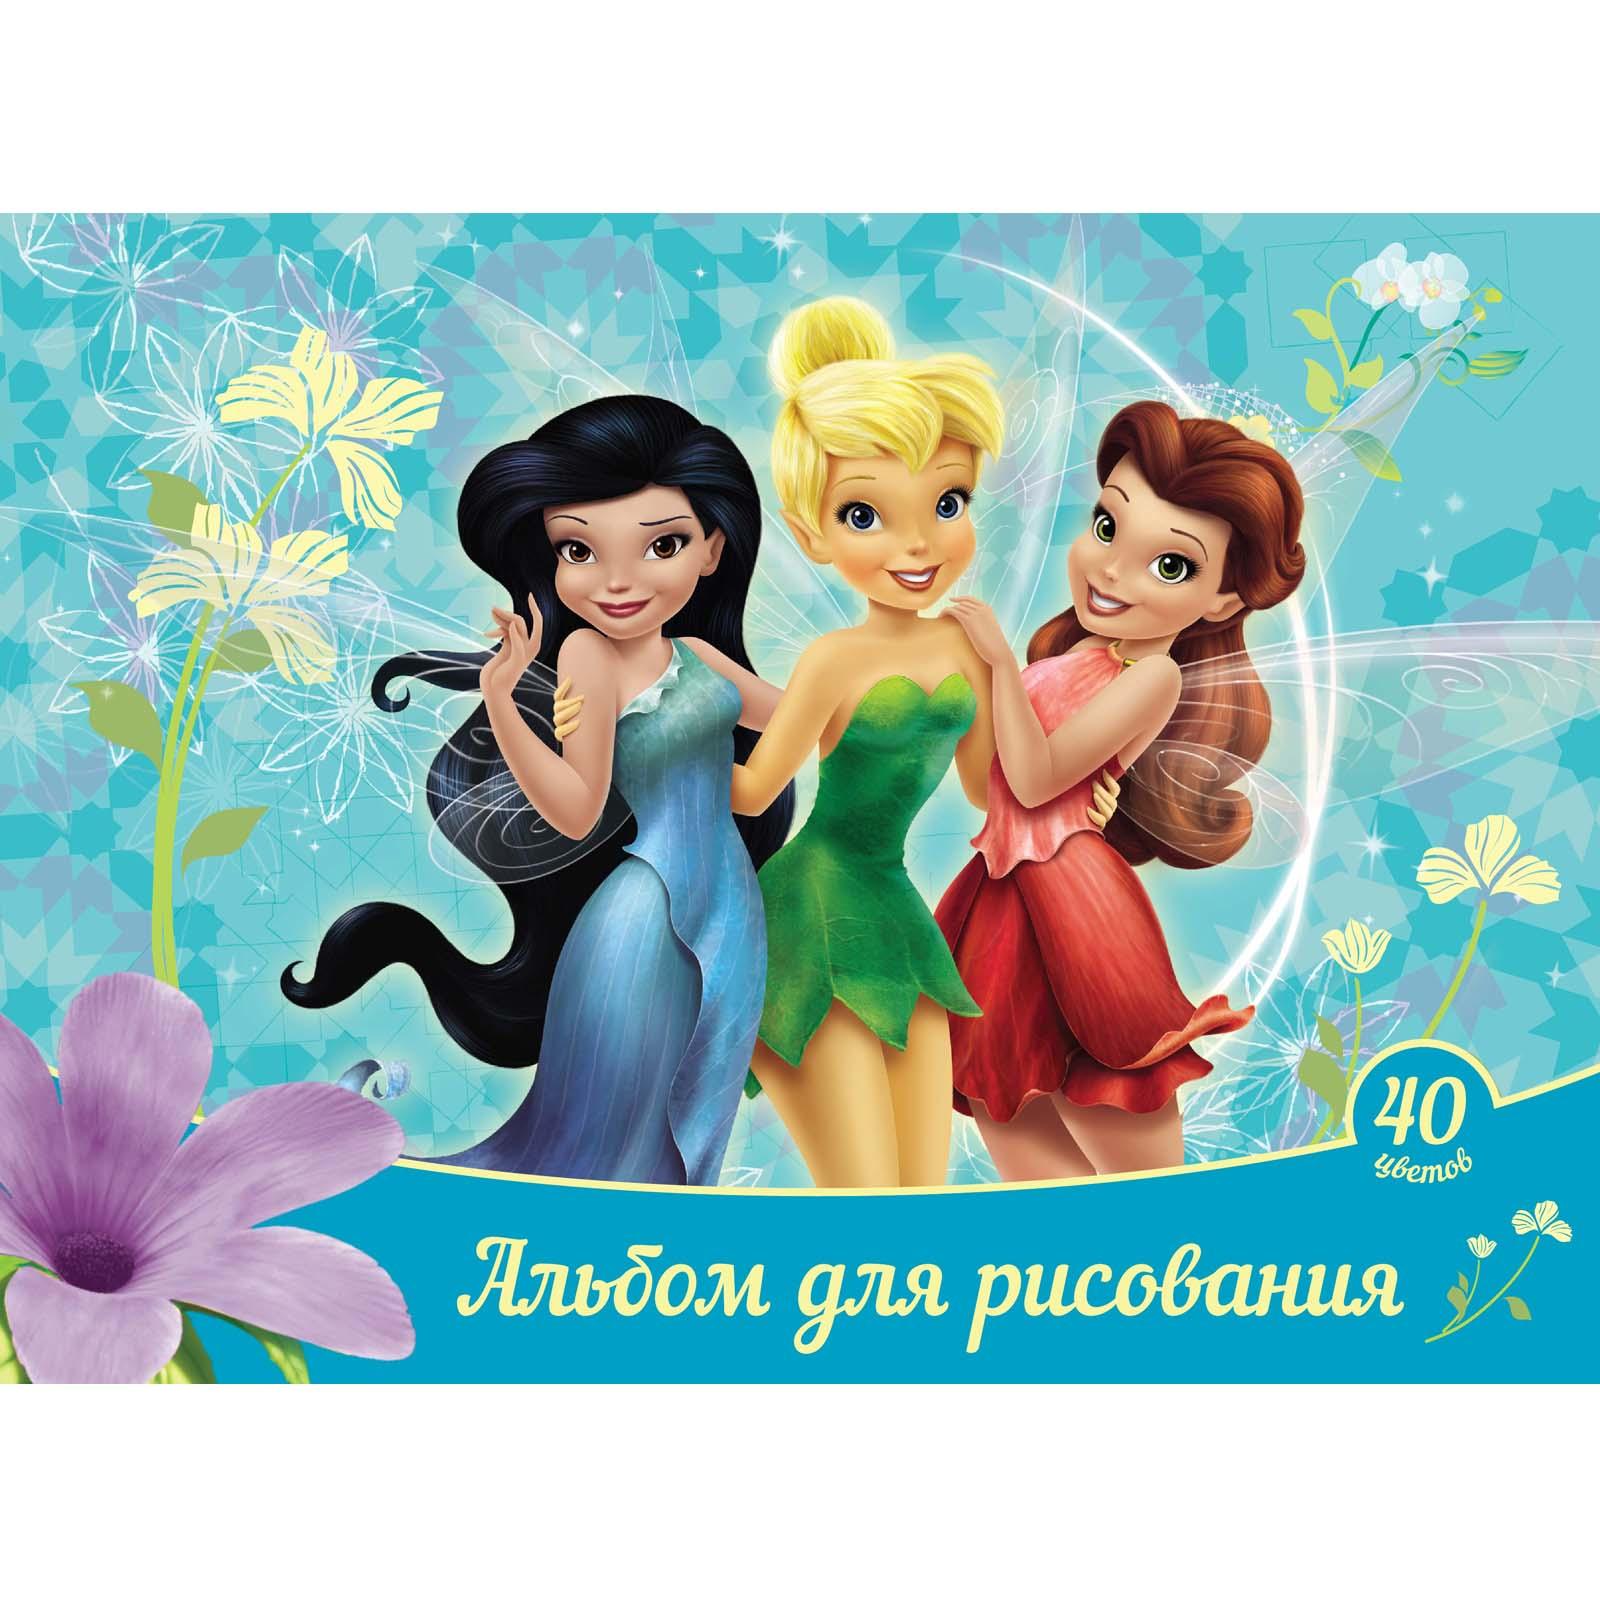 Купить Альбом для рисования Disney Феи 40 листов, Росмэн